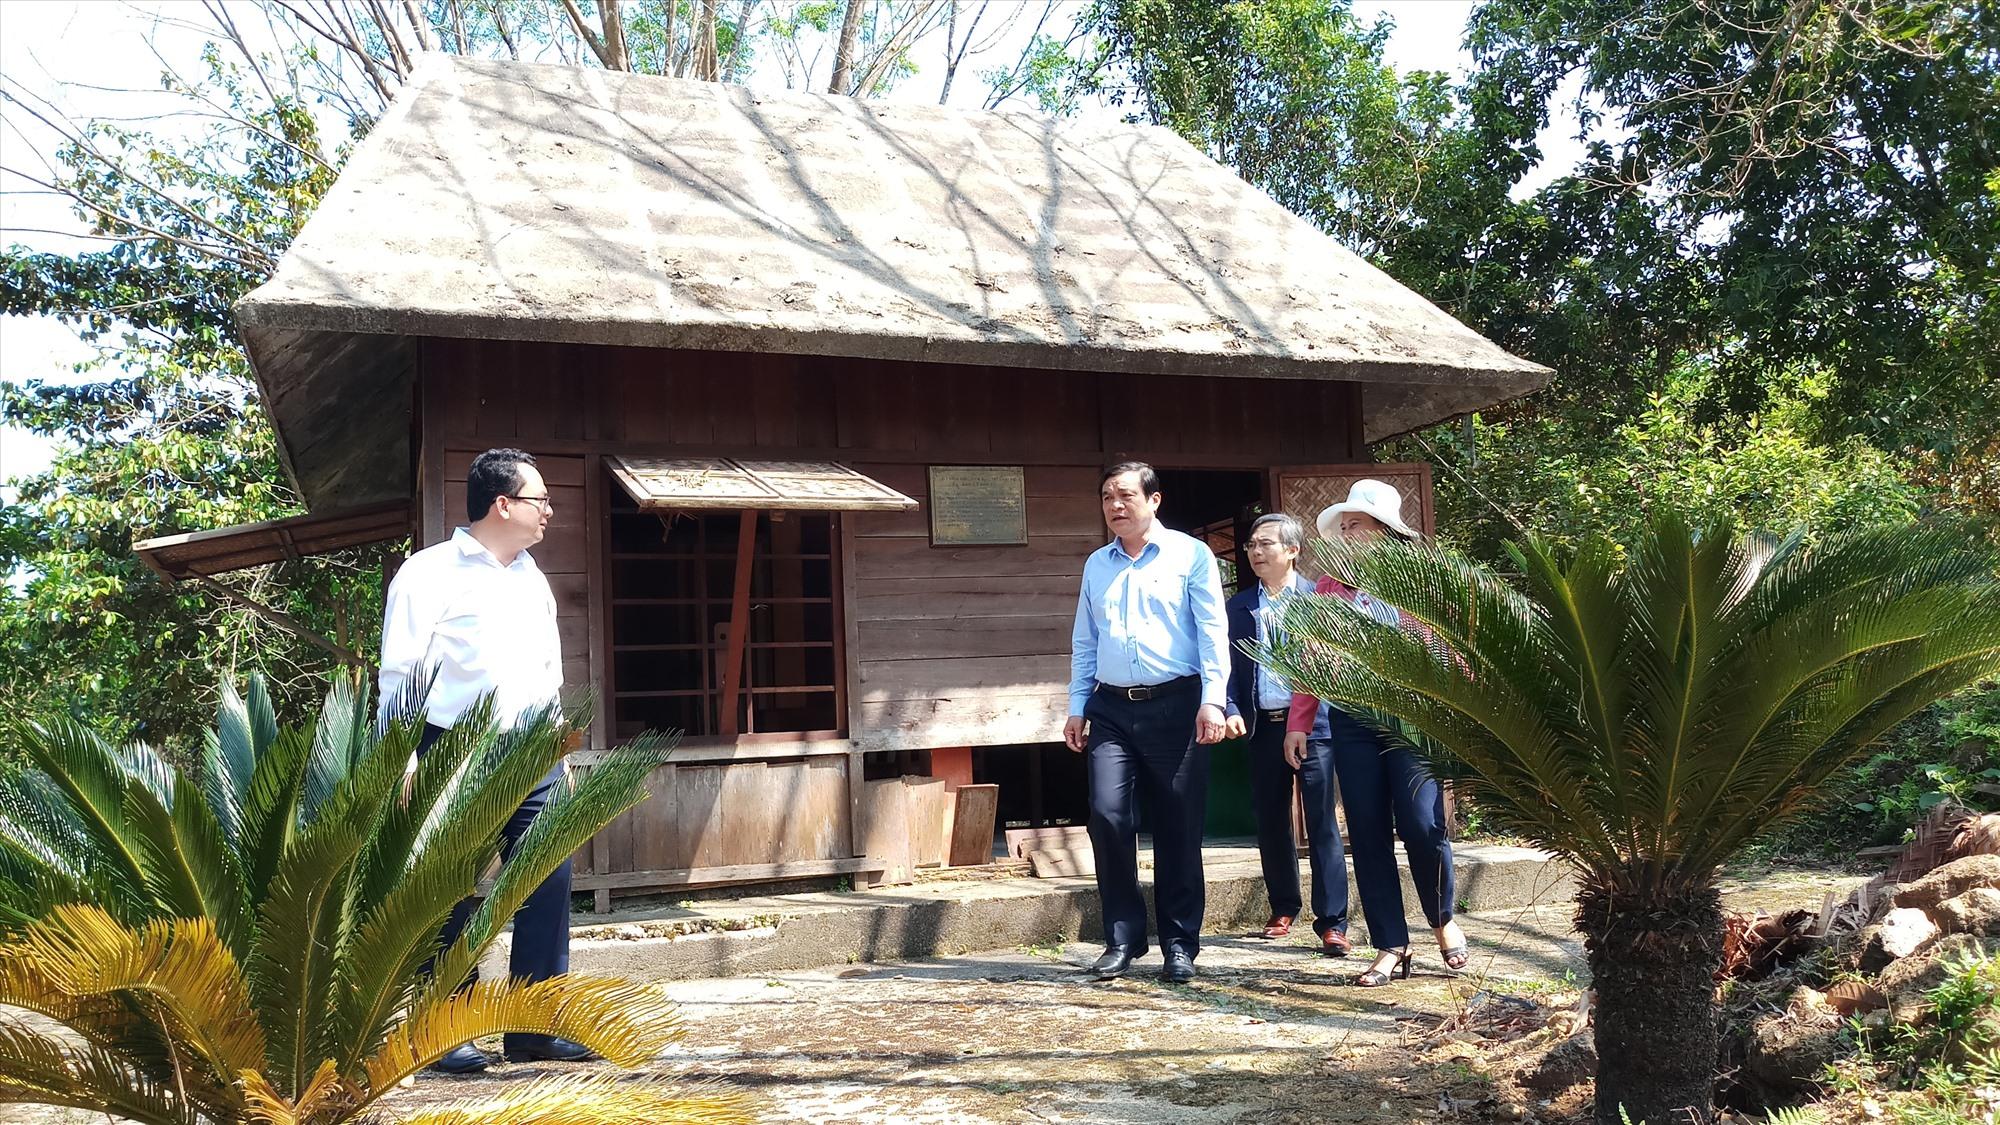 Đoàn công tác đến thăm và kiểm tra một số hạng mục công trình trong khu di tích. Ảnh: A.N